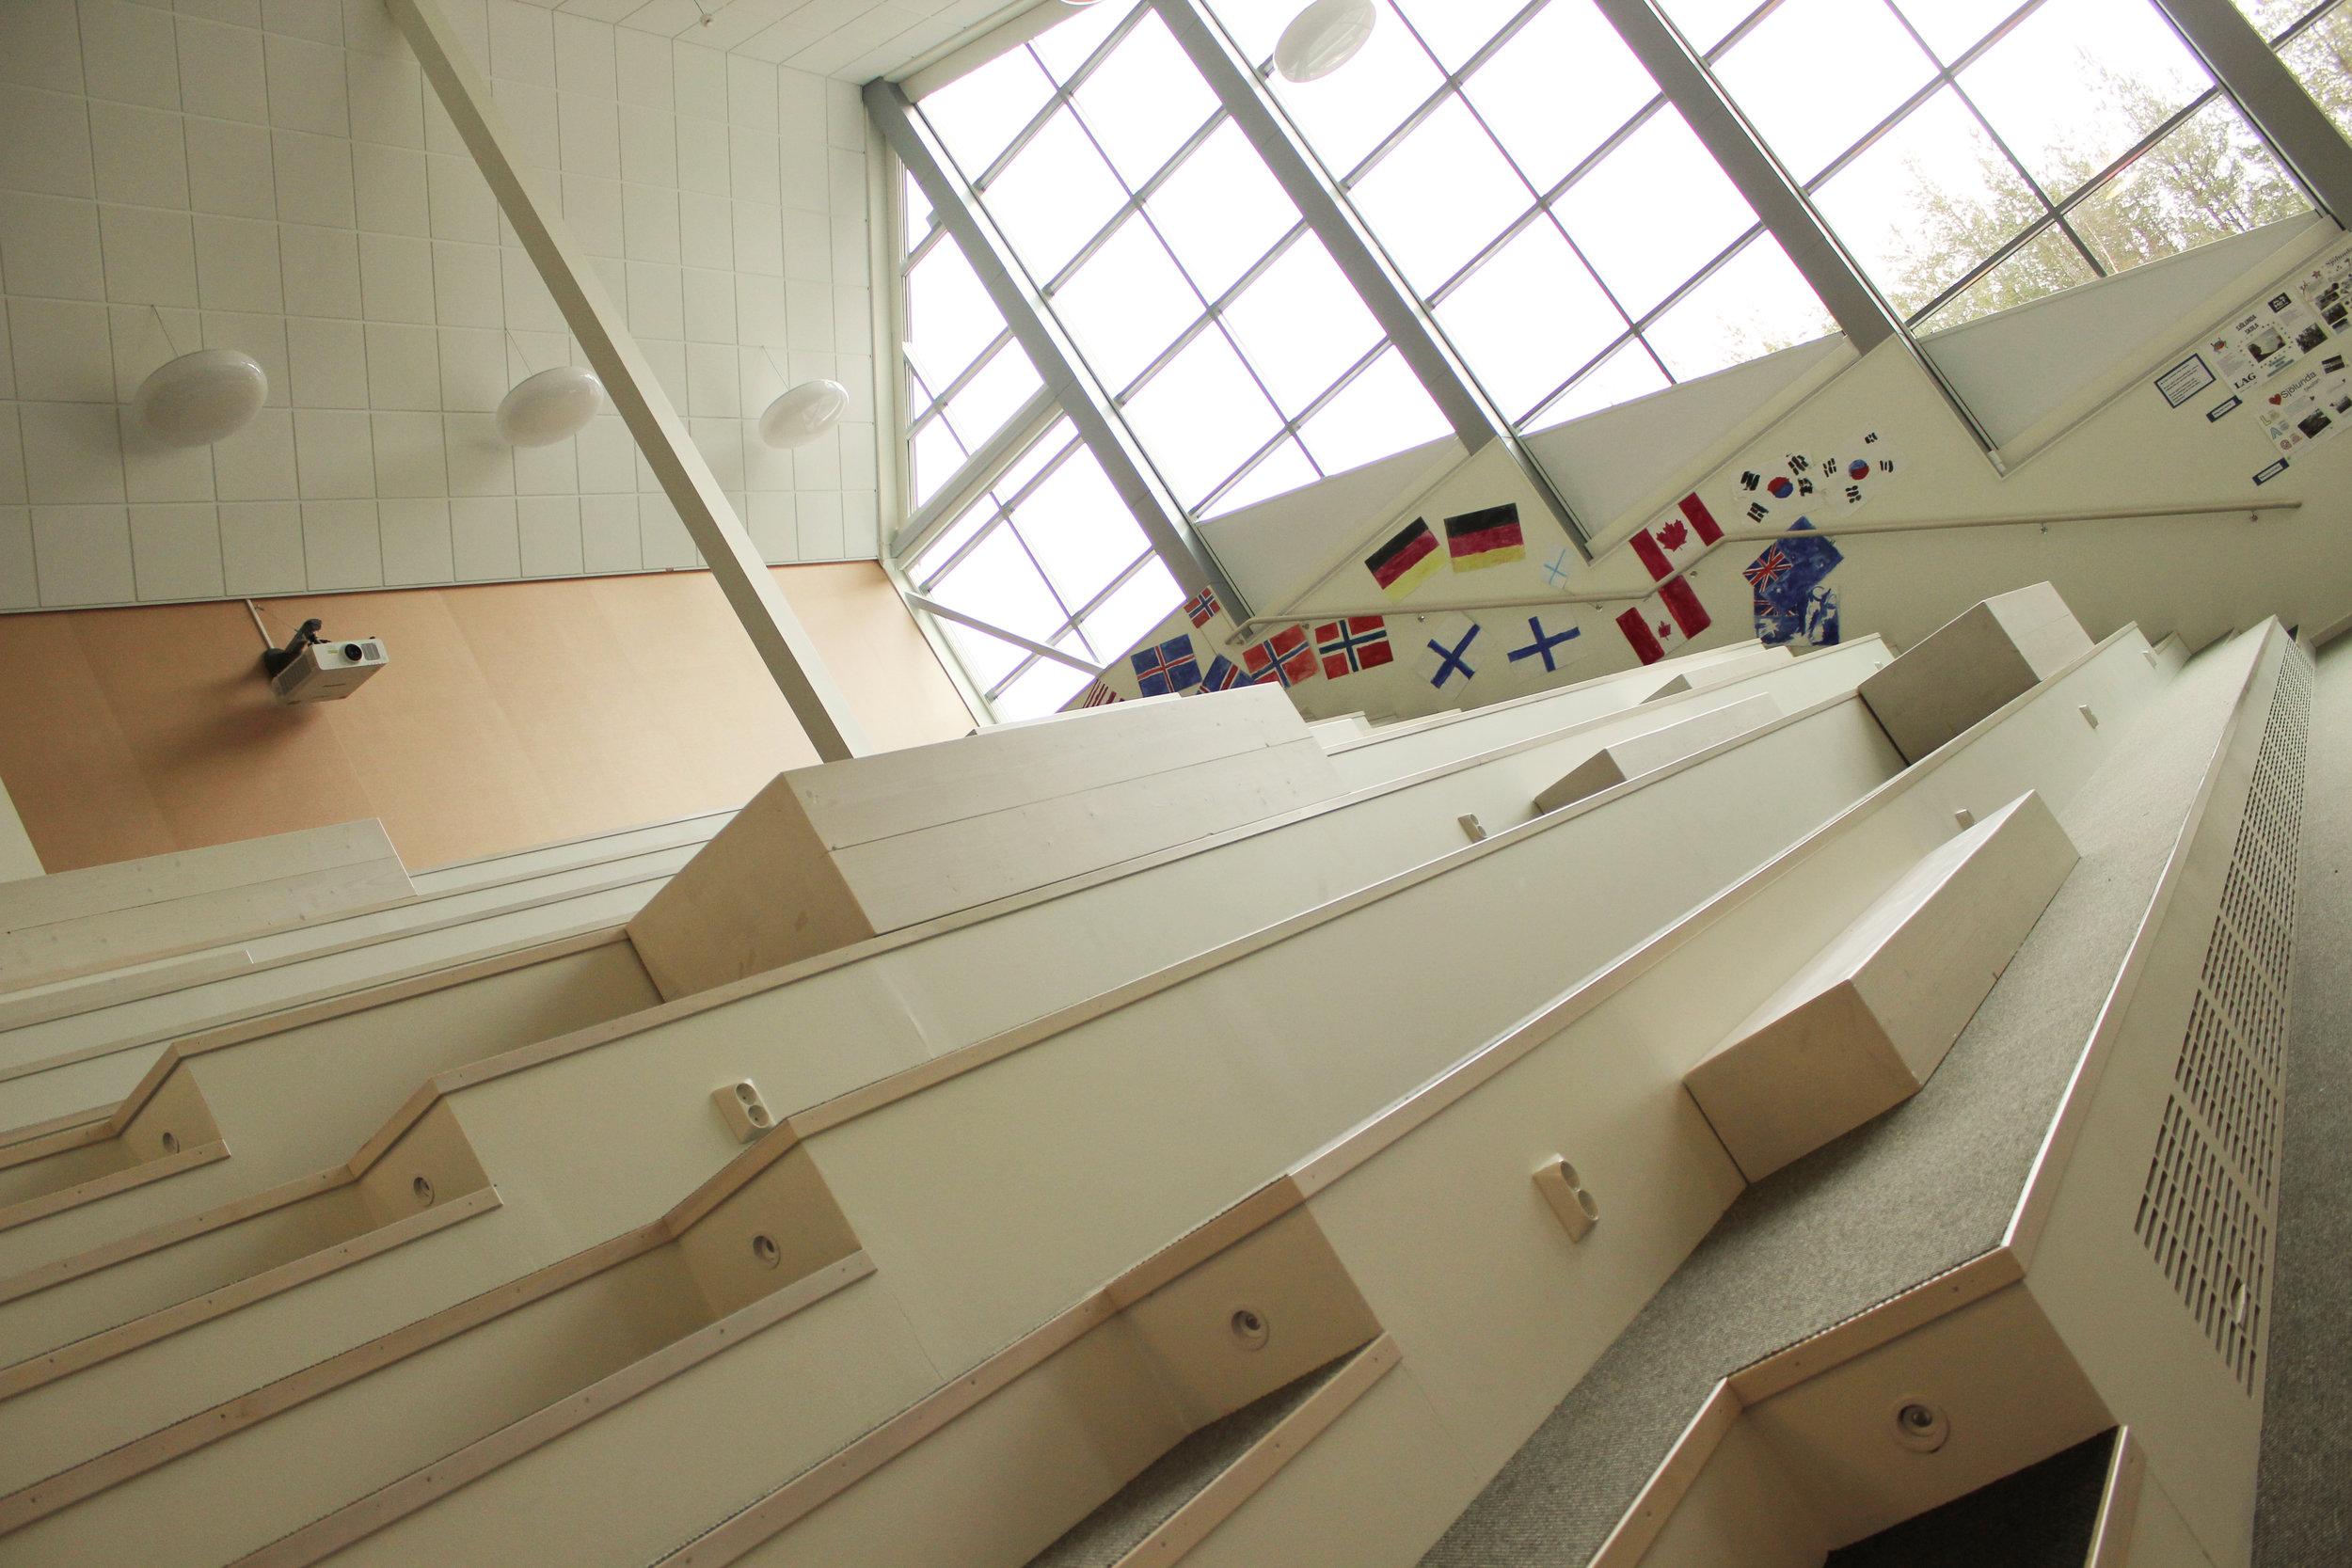 Sittplatserna är många även i den amfiteaterliknande aulan. På håll kan du skymta en av skolans få projektorer, en Panasonic PT-RZ970LW med linsen ETDLE350. Skärmar, å andra sidan, hittar man desto fler.